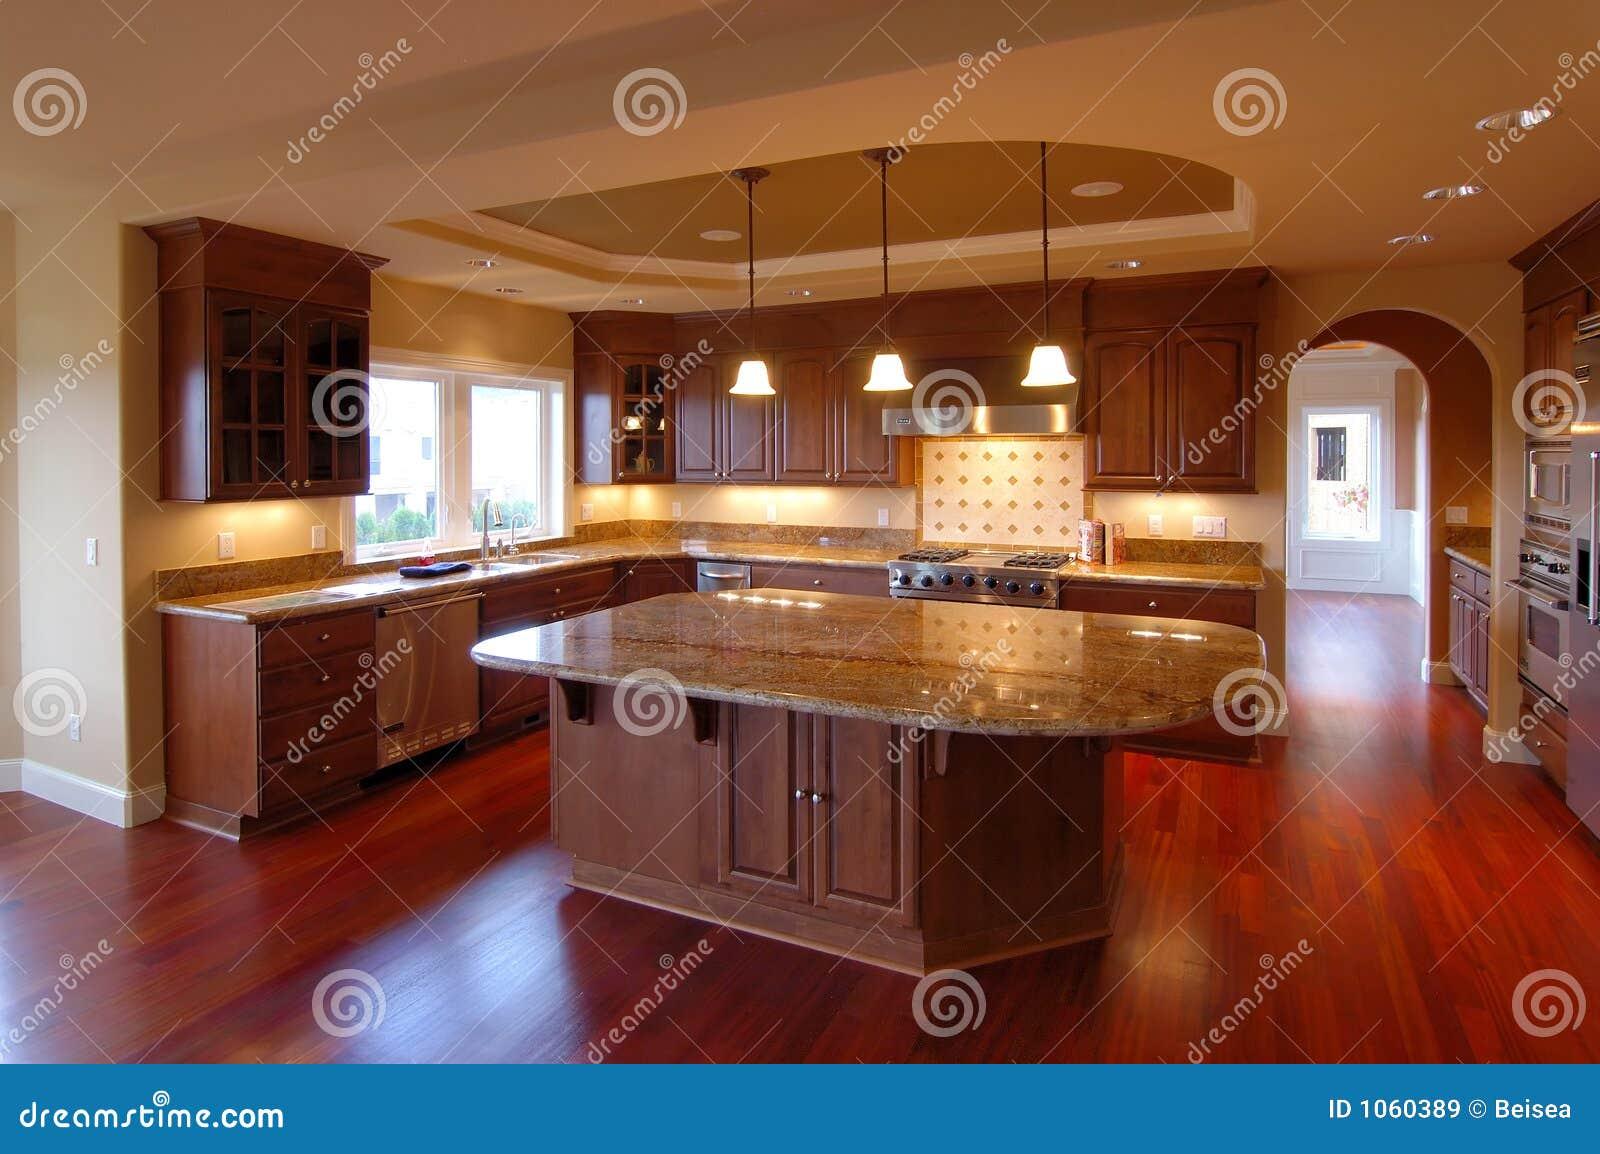 chambre am ricaine de luxe no 4 int rieur image stock image du lampe granit 1060389. Black Bedroom Furniture Sets. Home Design Ideas